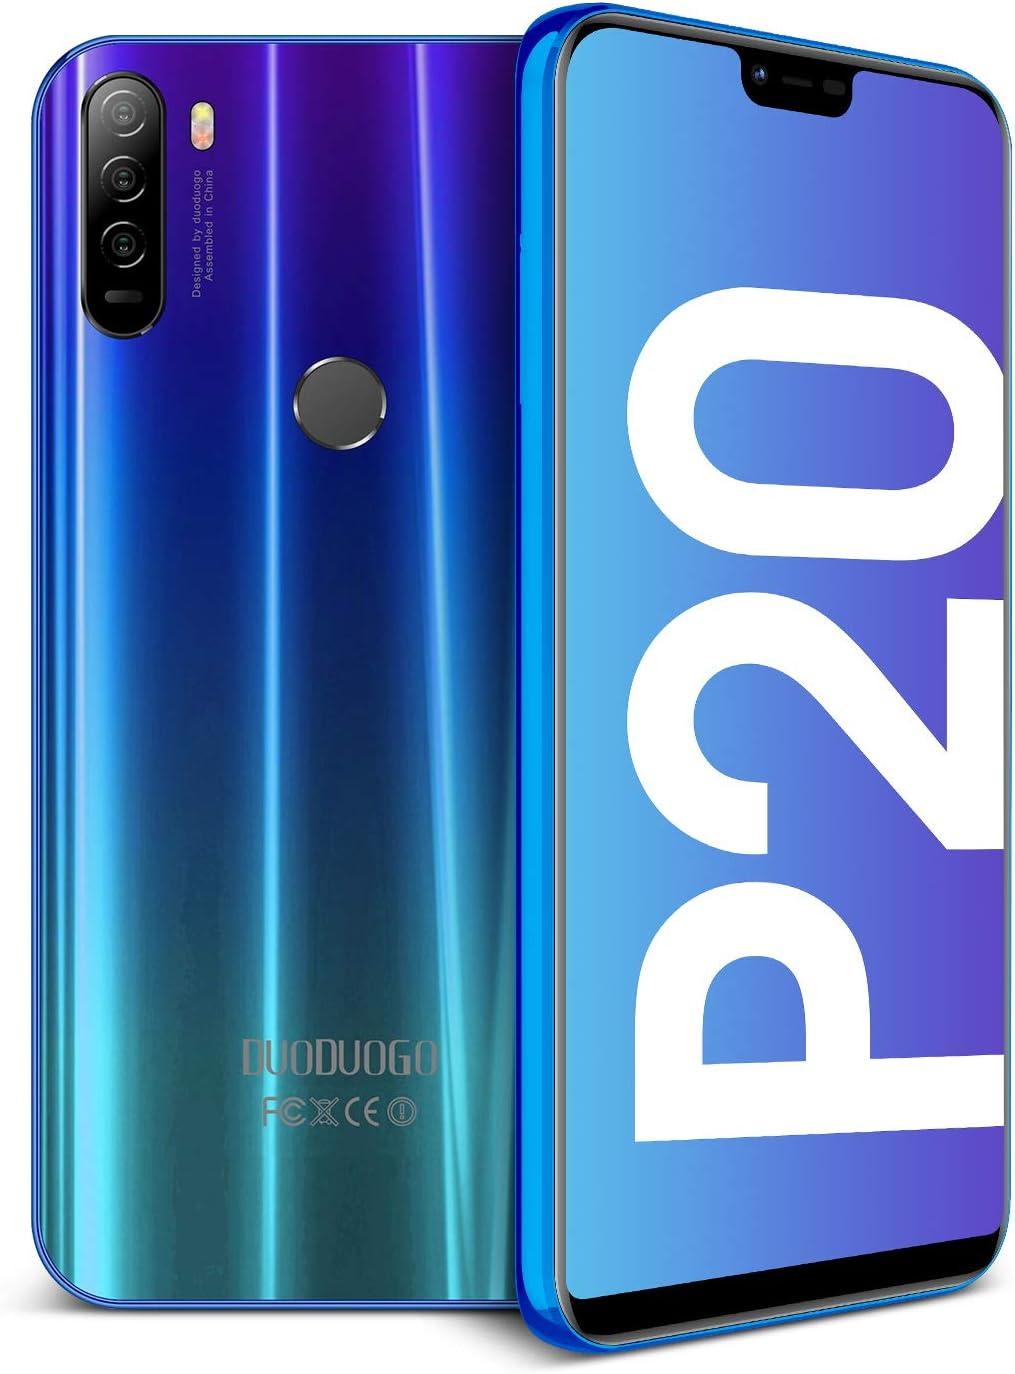 Smartphones Libres 4G 64GB ROM 4GB RAM Android 8.1 Smartphones Libres 5.85 Pulgadas,Fingerprint & Face Unlock 4200mAh Batería Dual SIM Teléfonos Móvils DUODUOGO P20 (Azul): Amazon.es: Electrónica